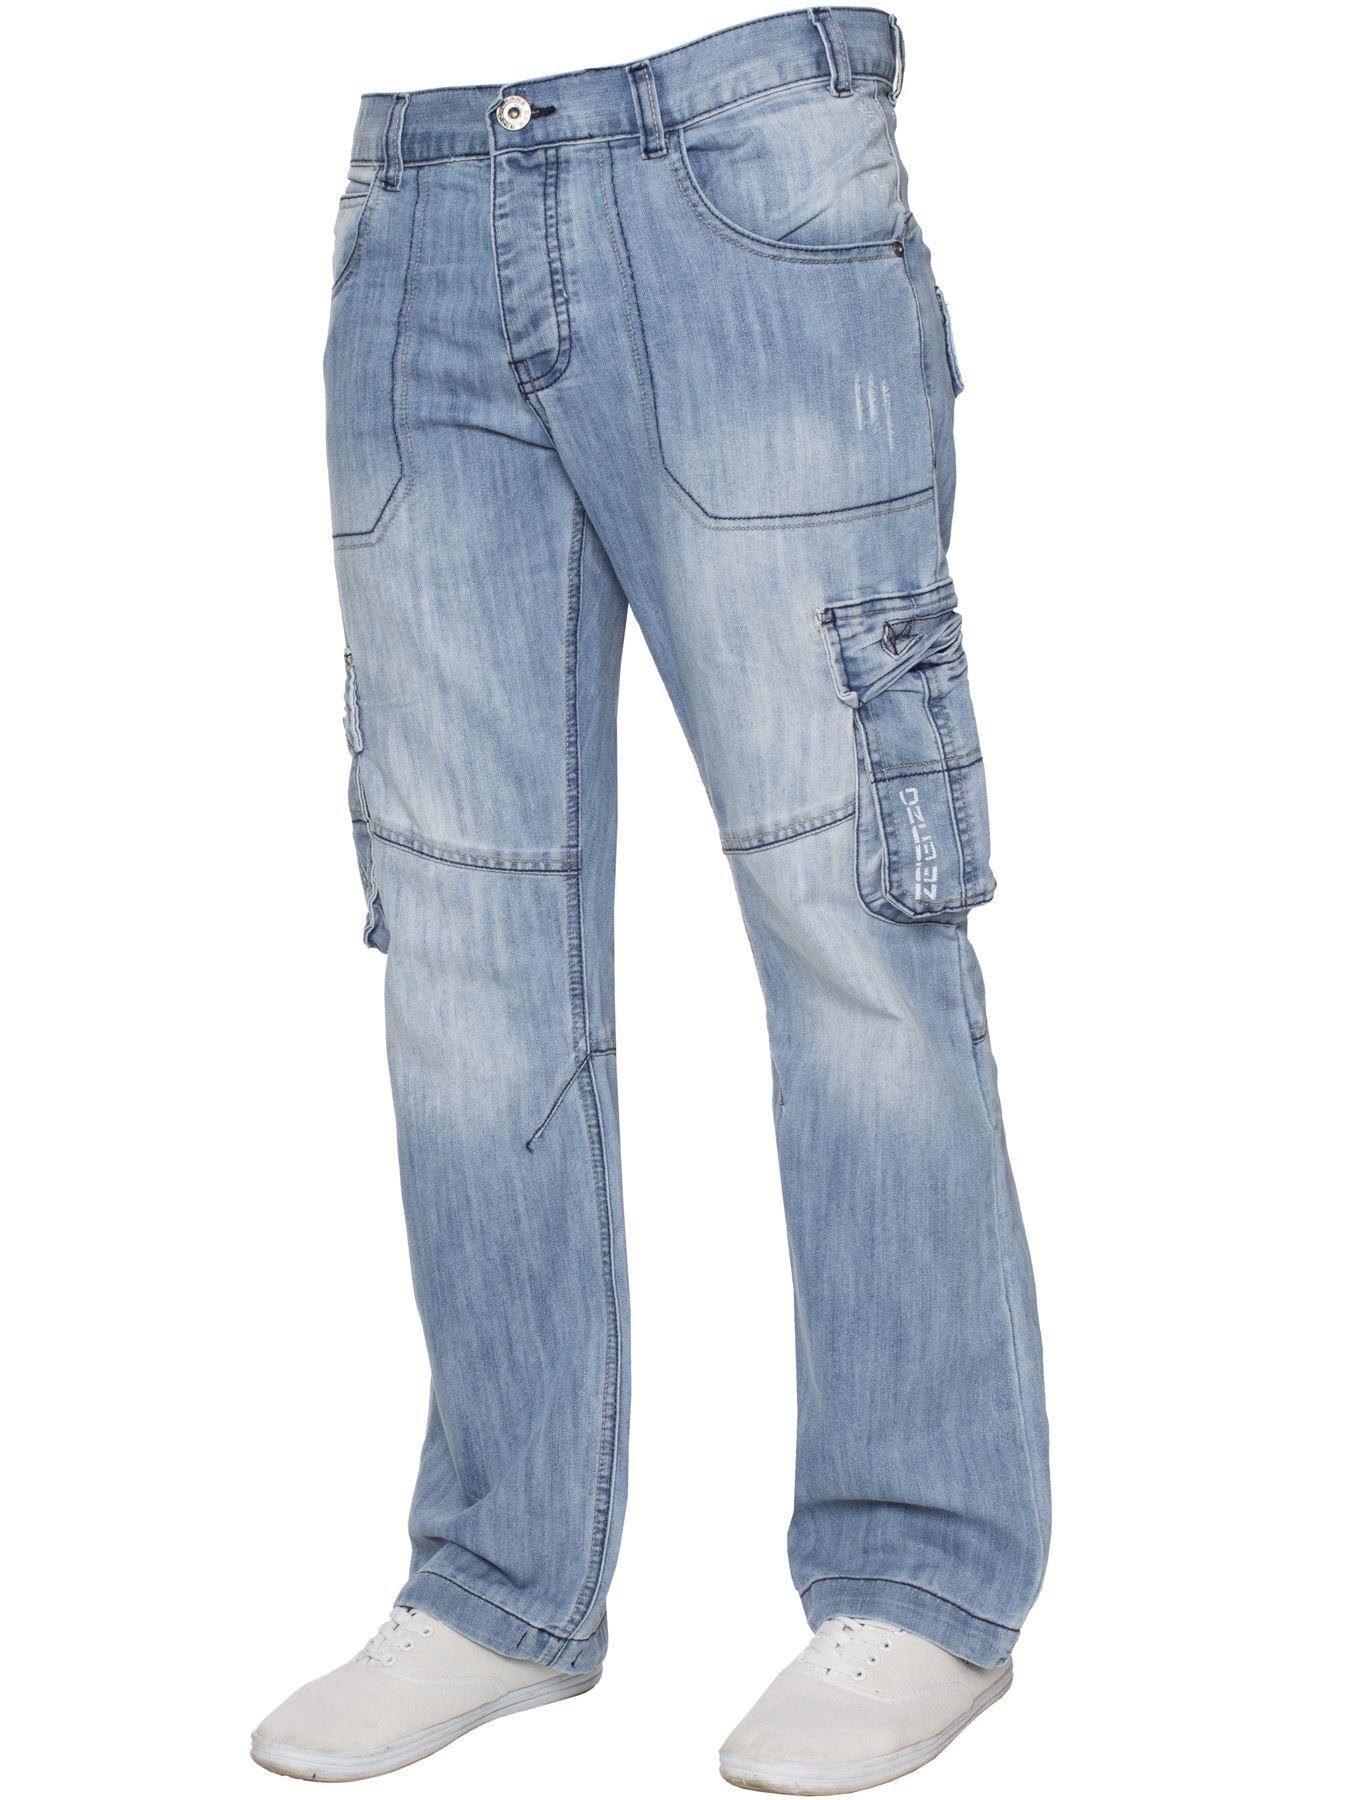 Jeans-Para-Hombre-de-carga-de-combate-pesado-Pantalones-de-trabajo-pantalones-de-mezclilla-Big-King miniatura 46